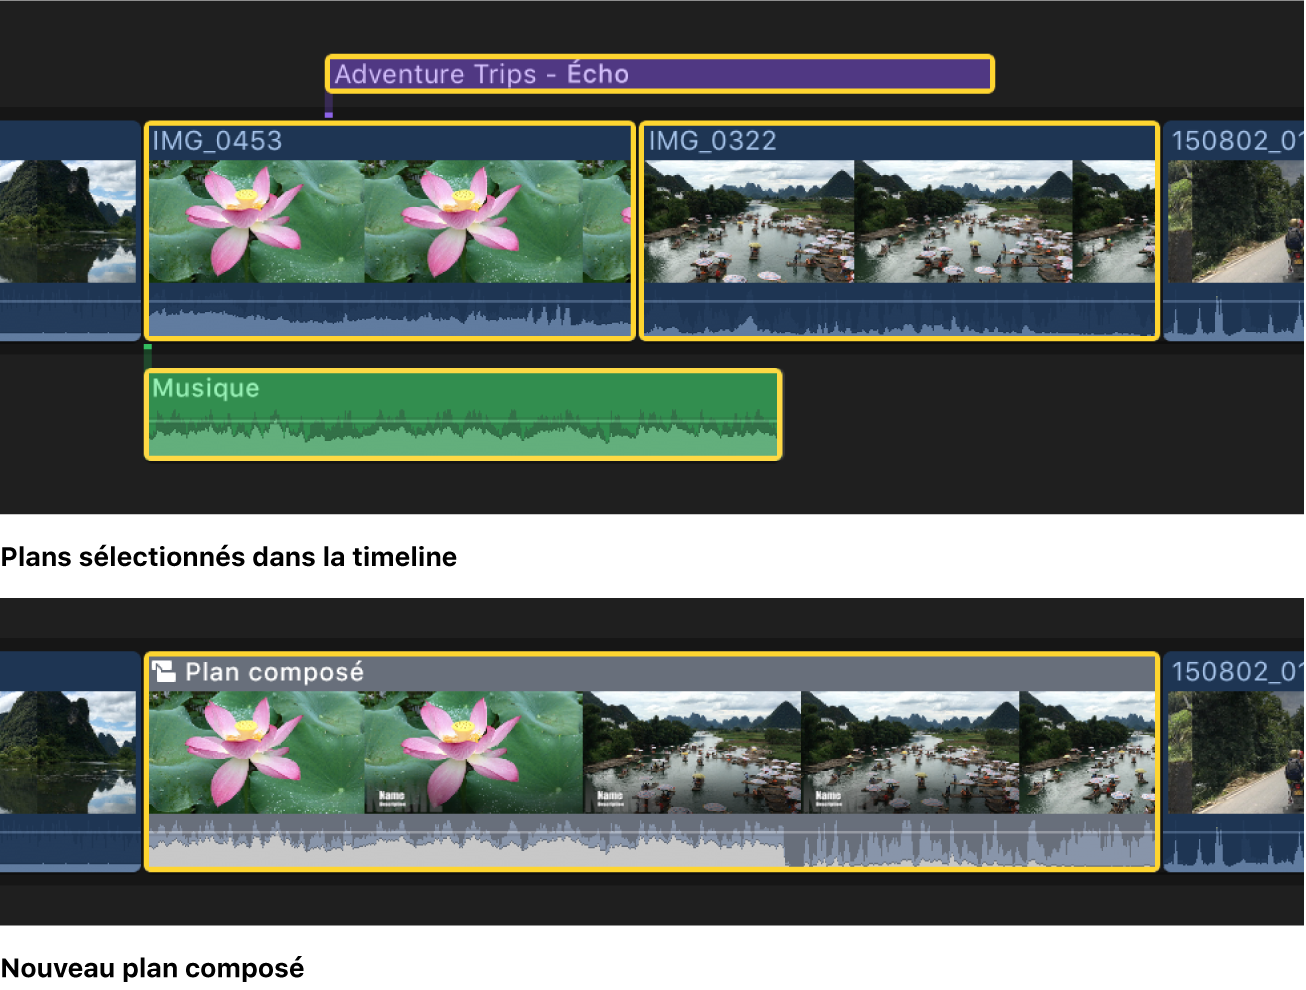 Projet dans la timeline avant et après sa simplification à l'aide d'un plan composé